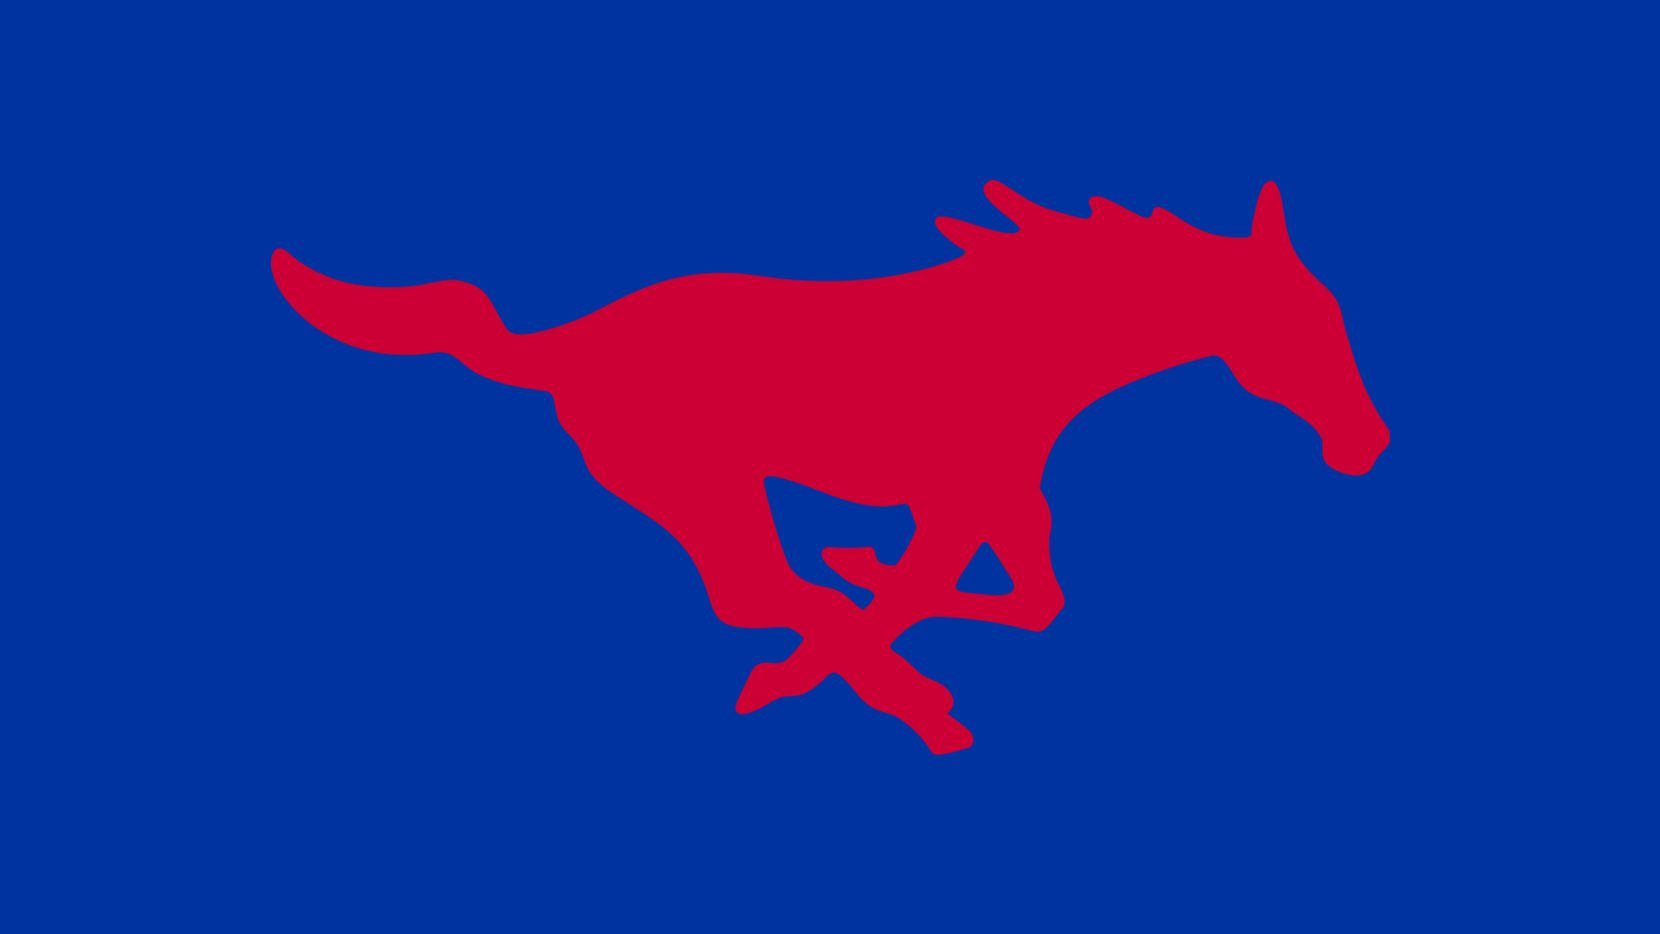 SMU Mustangs logo.